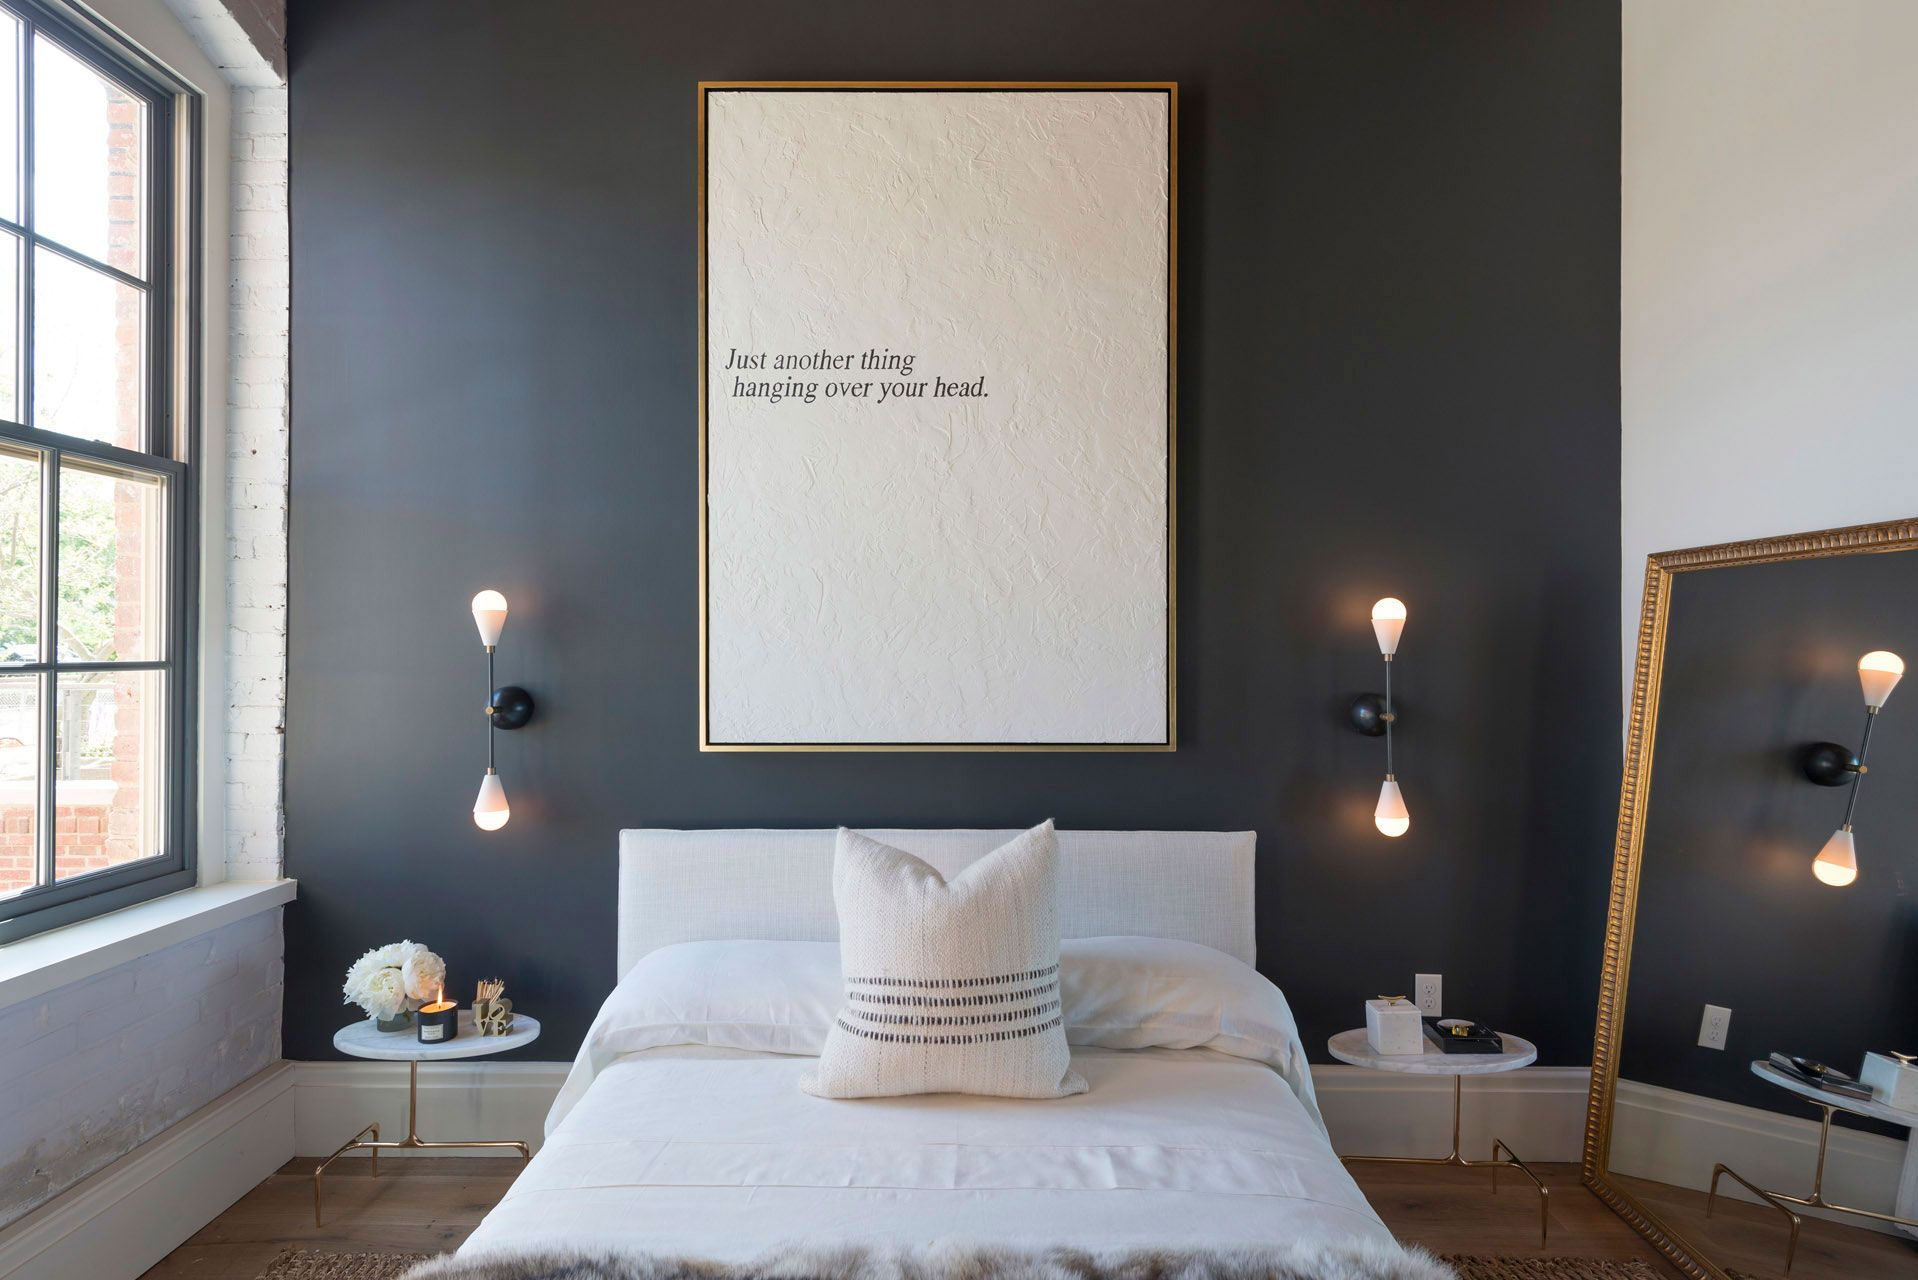 Decorar con paredes negras tus estancias de estilo n rdico - Decorar estilo nordico ...